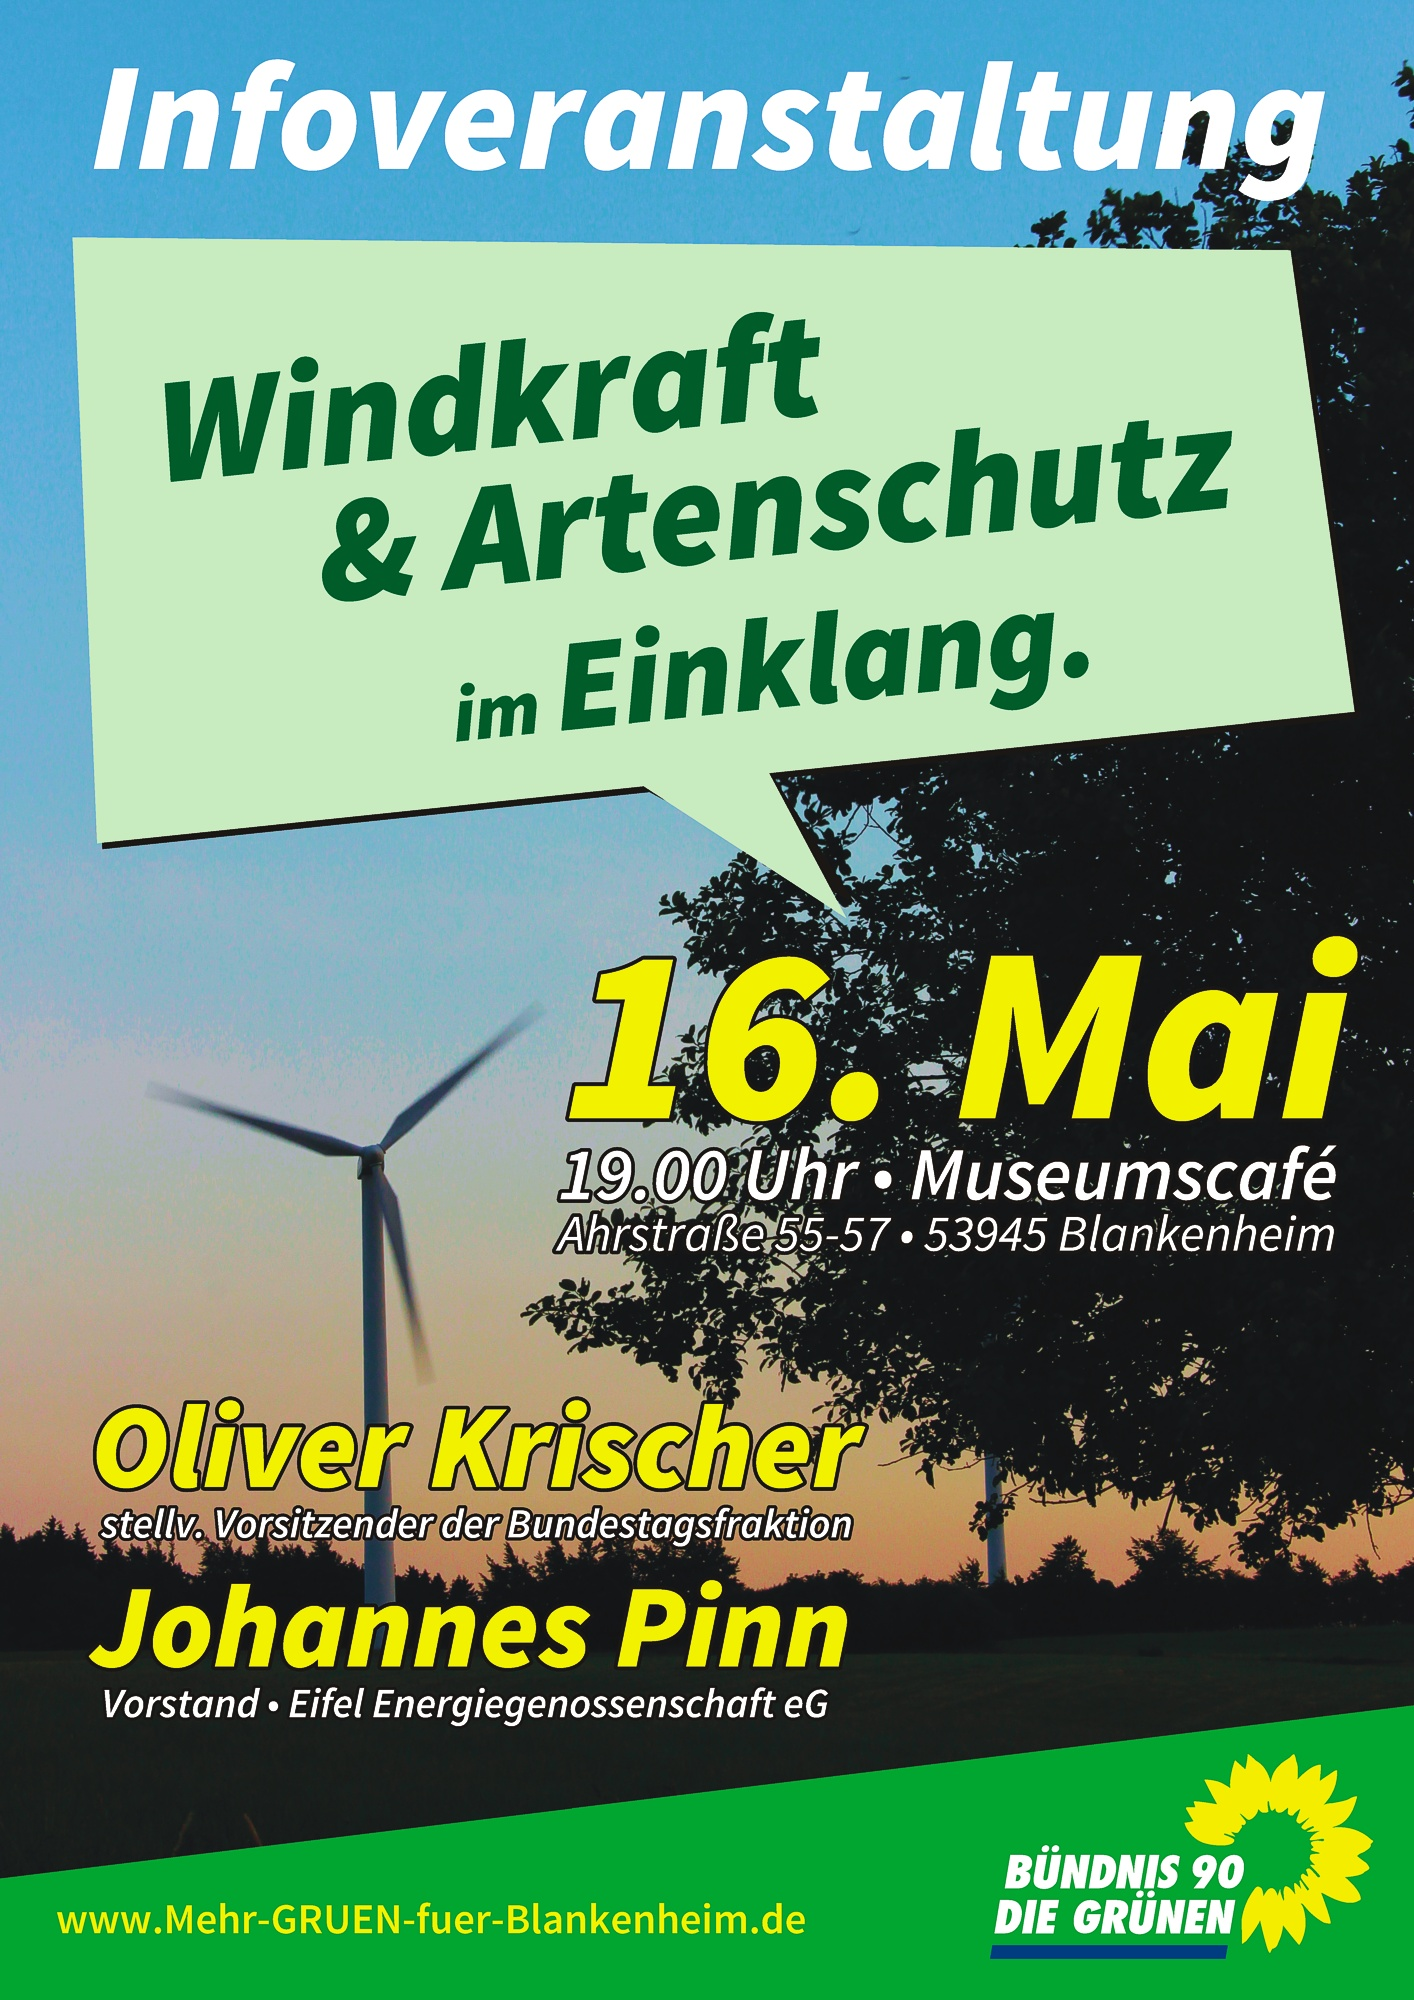 Informationsveranstaltung mit Oliver Krischer & Johannes Pinn